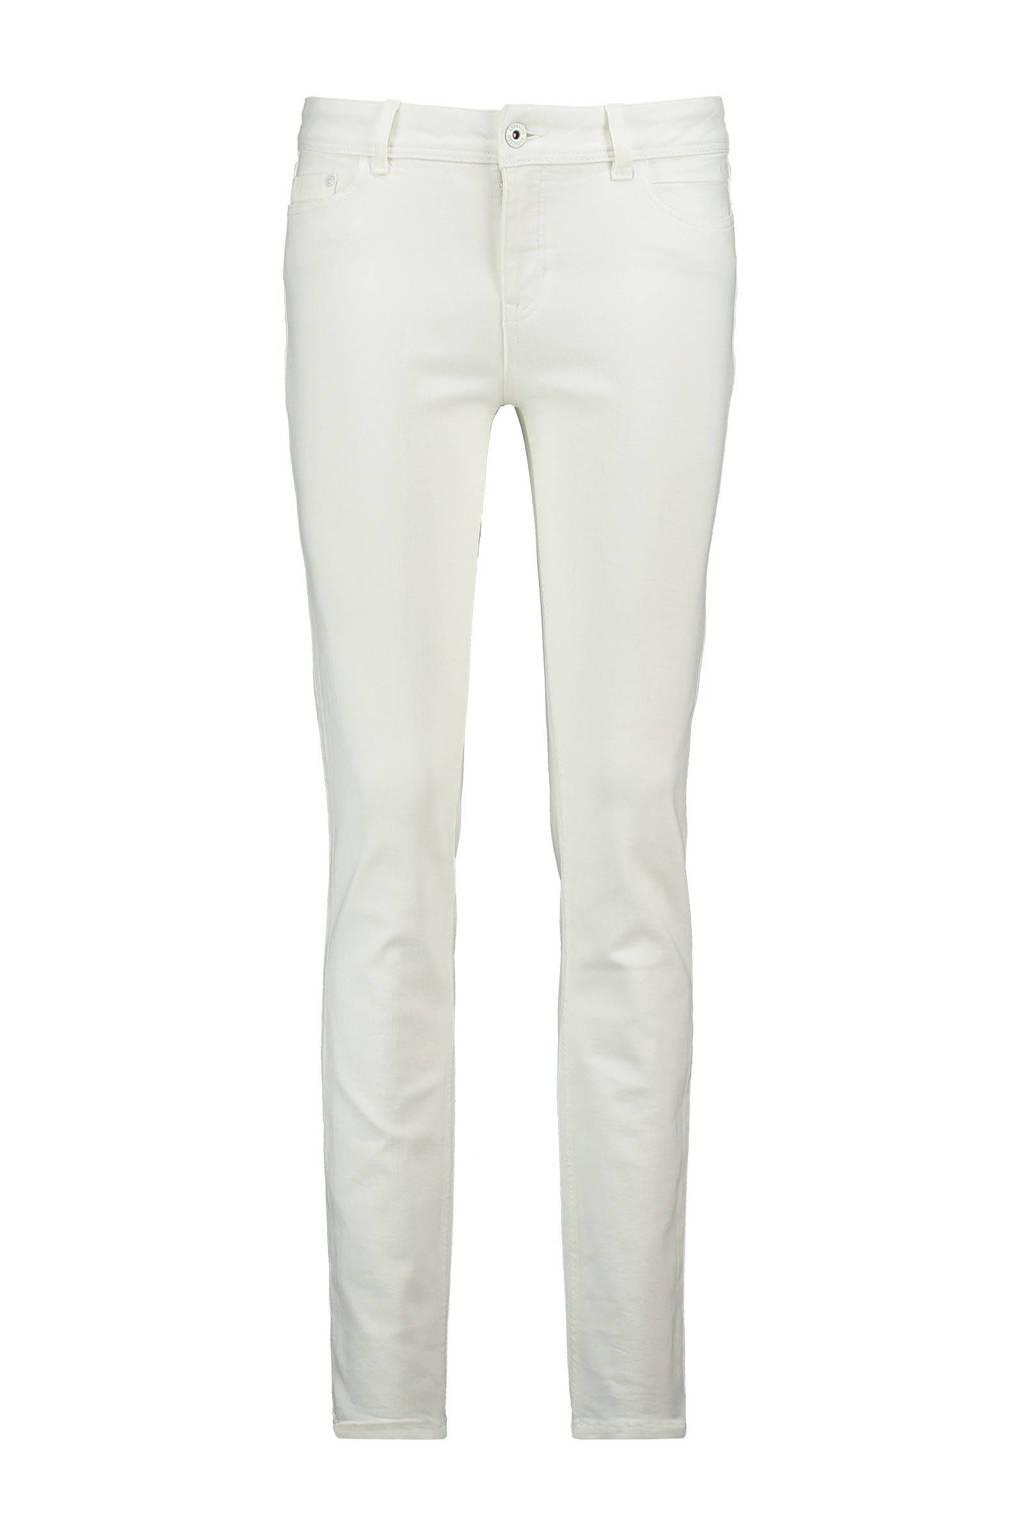 Expresso skinny jeans Biene ecru, Ecru